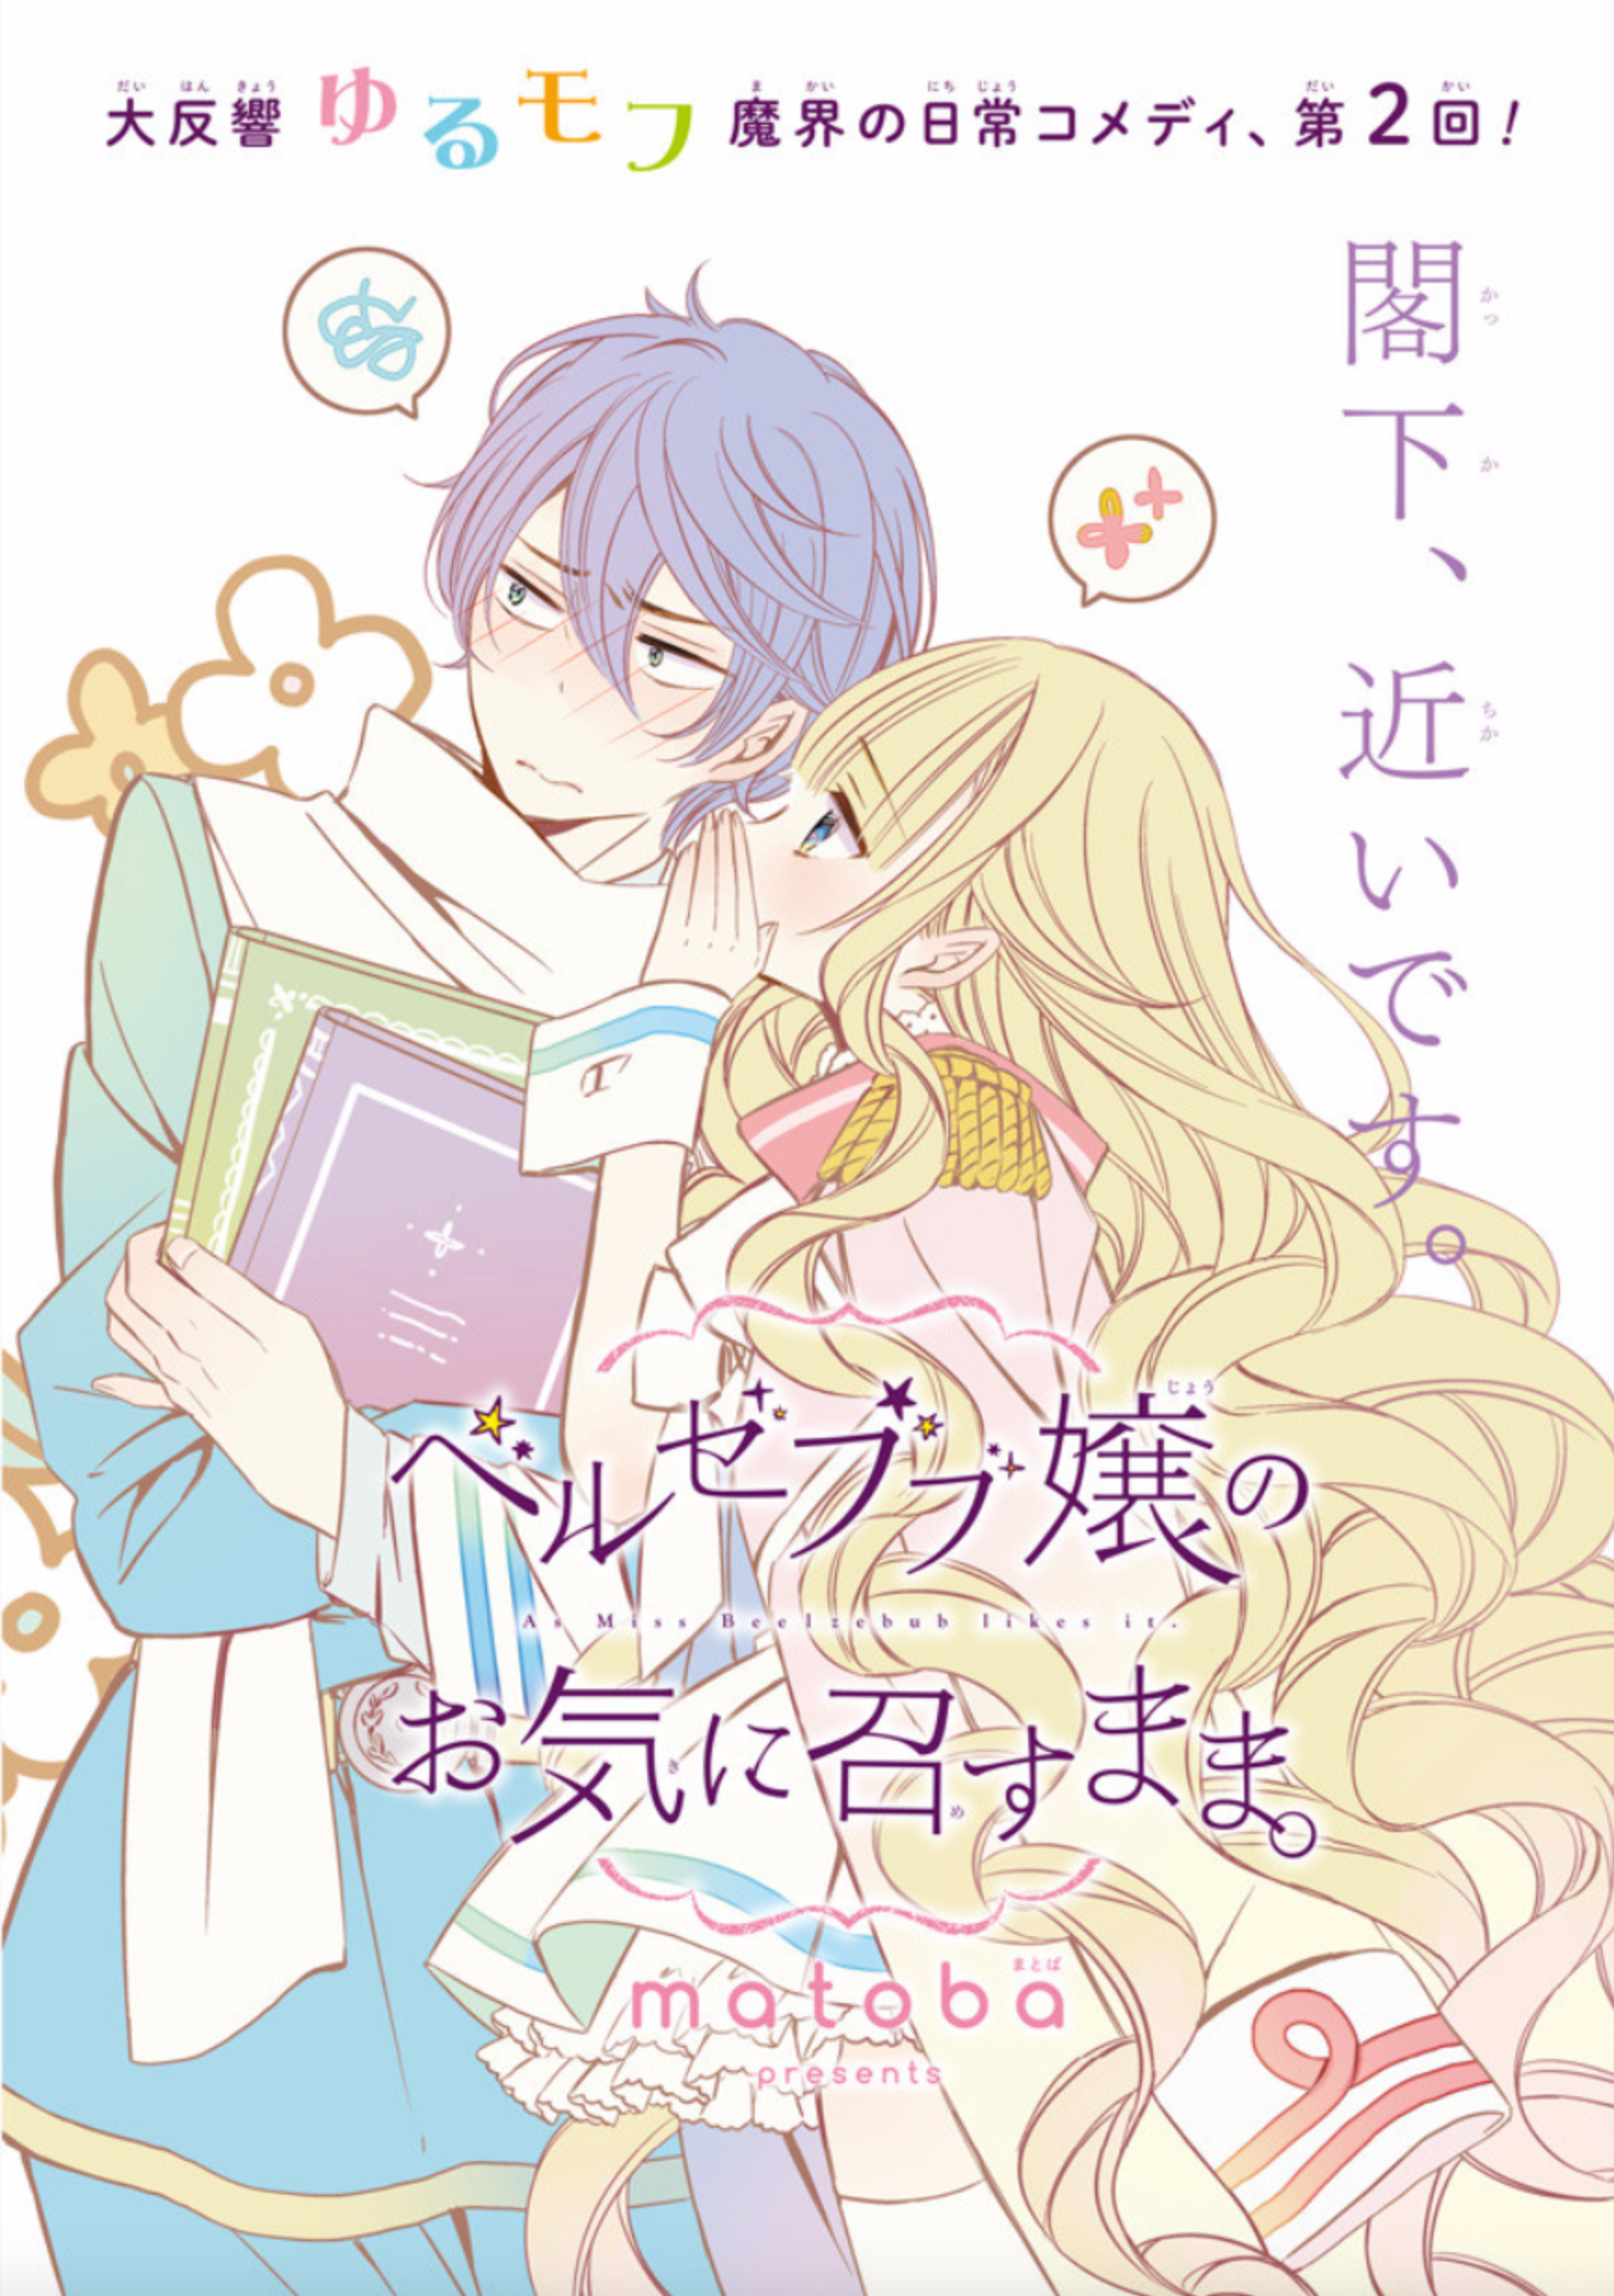 ベルゼブブ嬢のお気に召すまま ガンガンonline cute wallpapers poster pictures anime